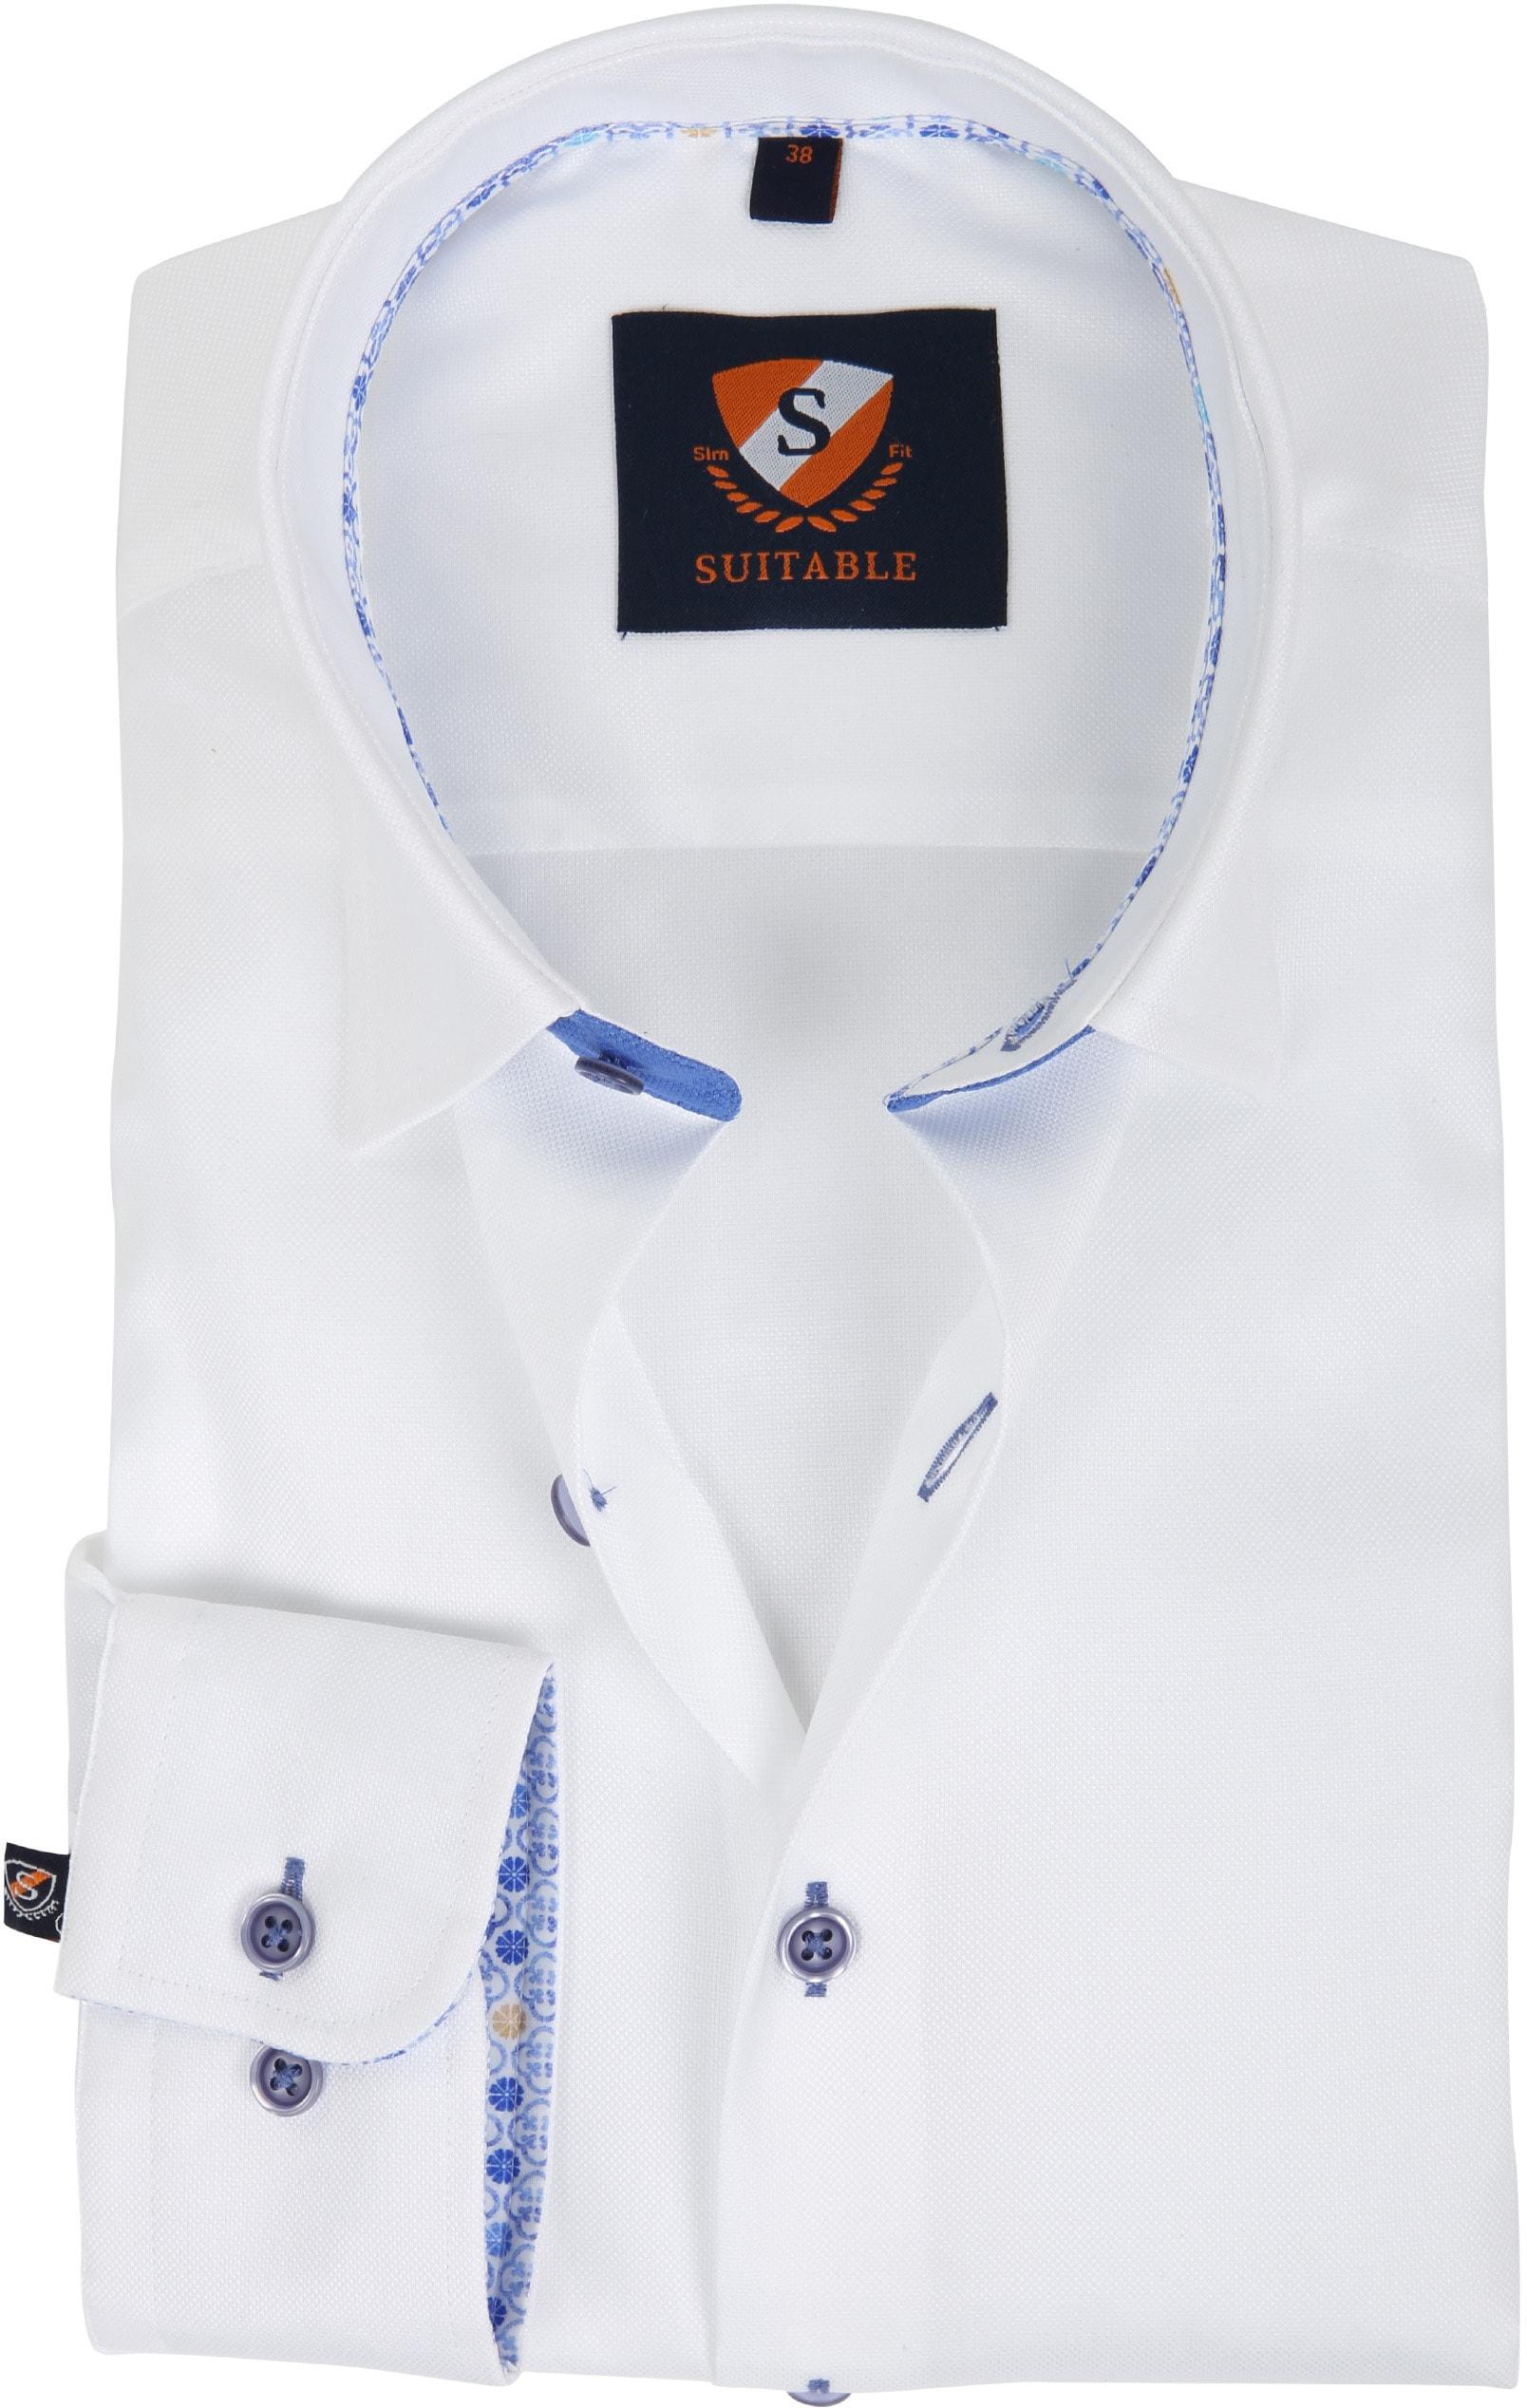 Suitable Hemd Weiß 181-1 foto 0